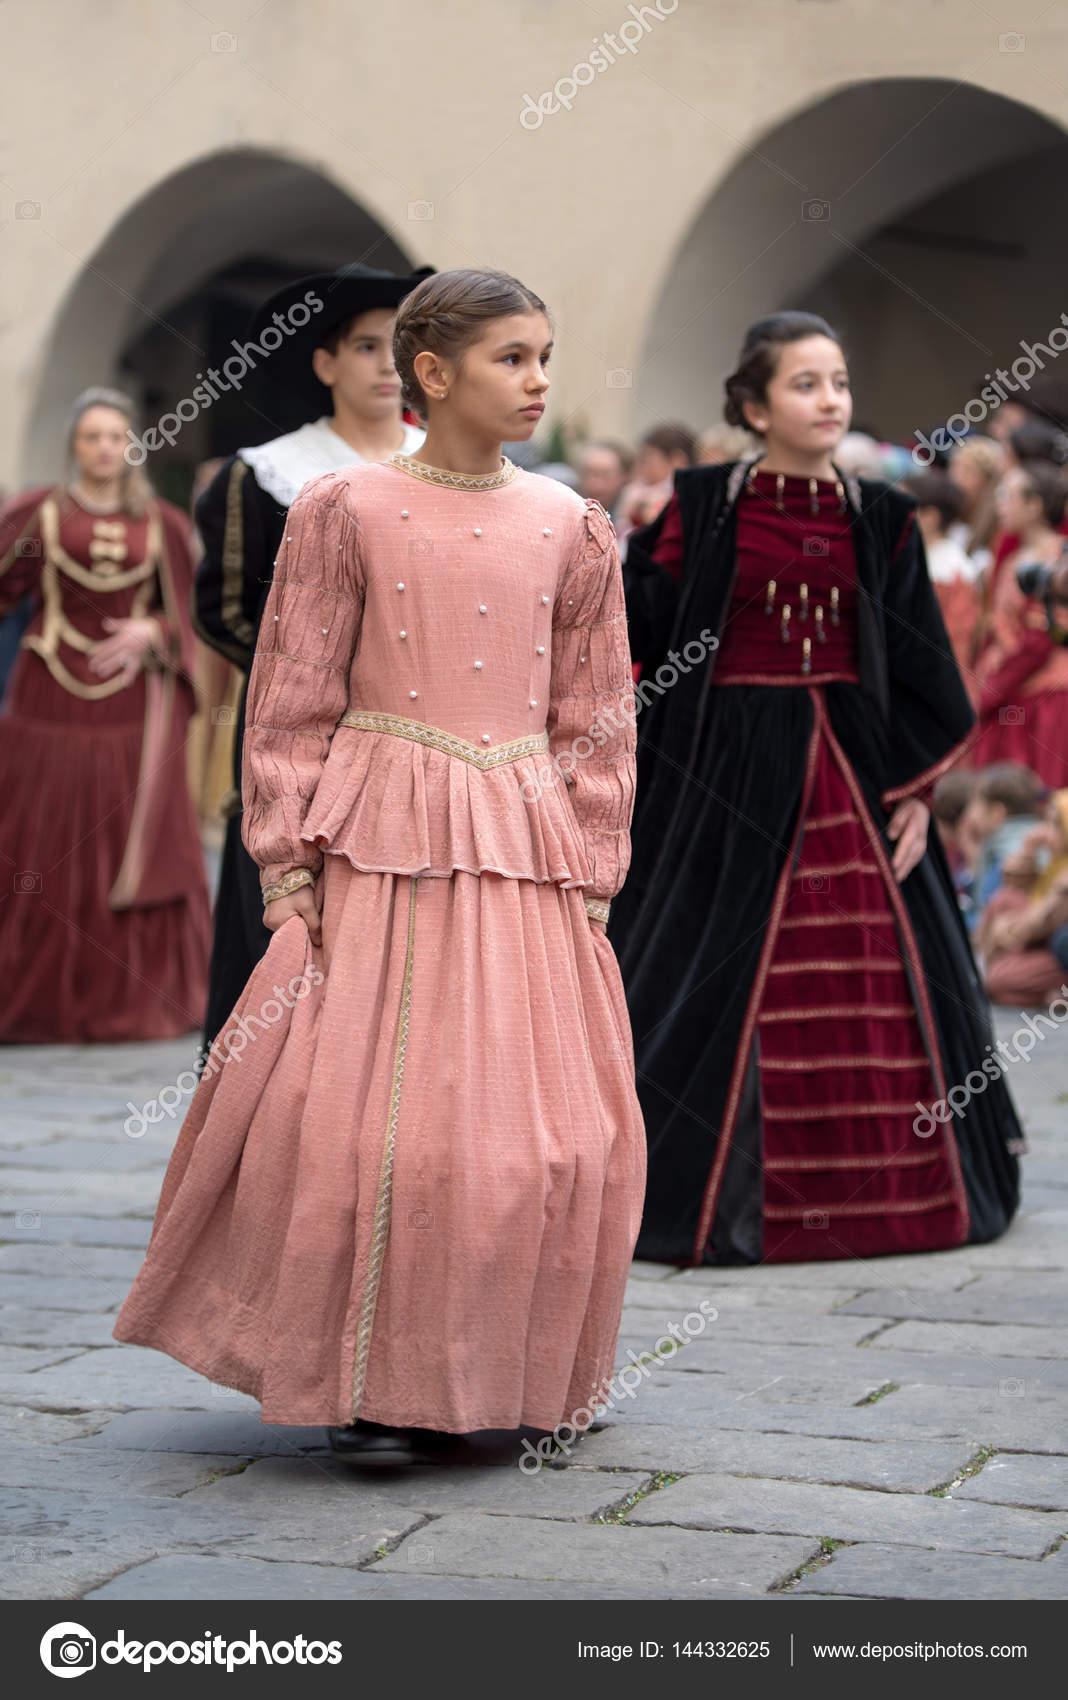 fiesta de disfraces medievales — Foto editorial de stock ...